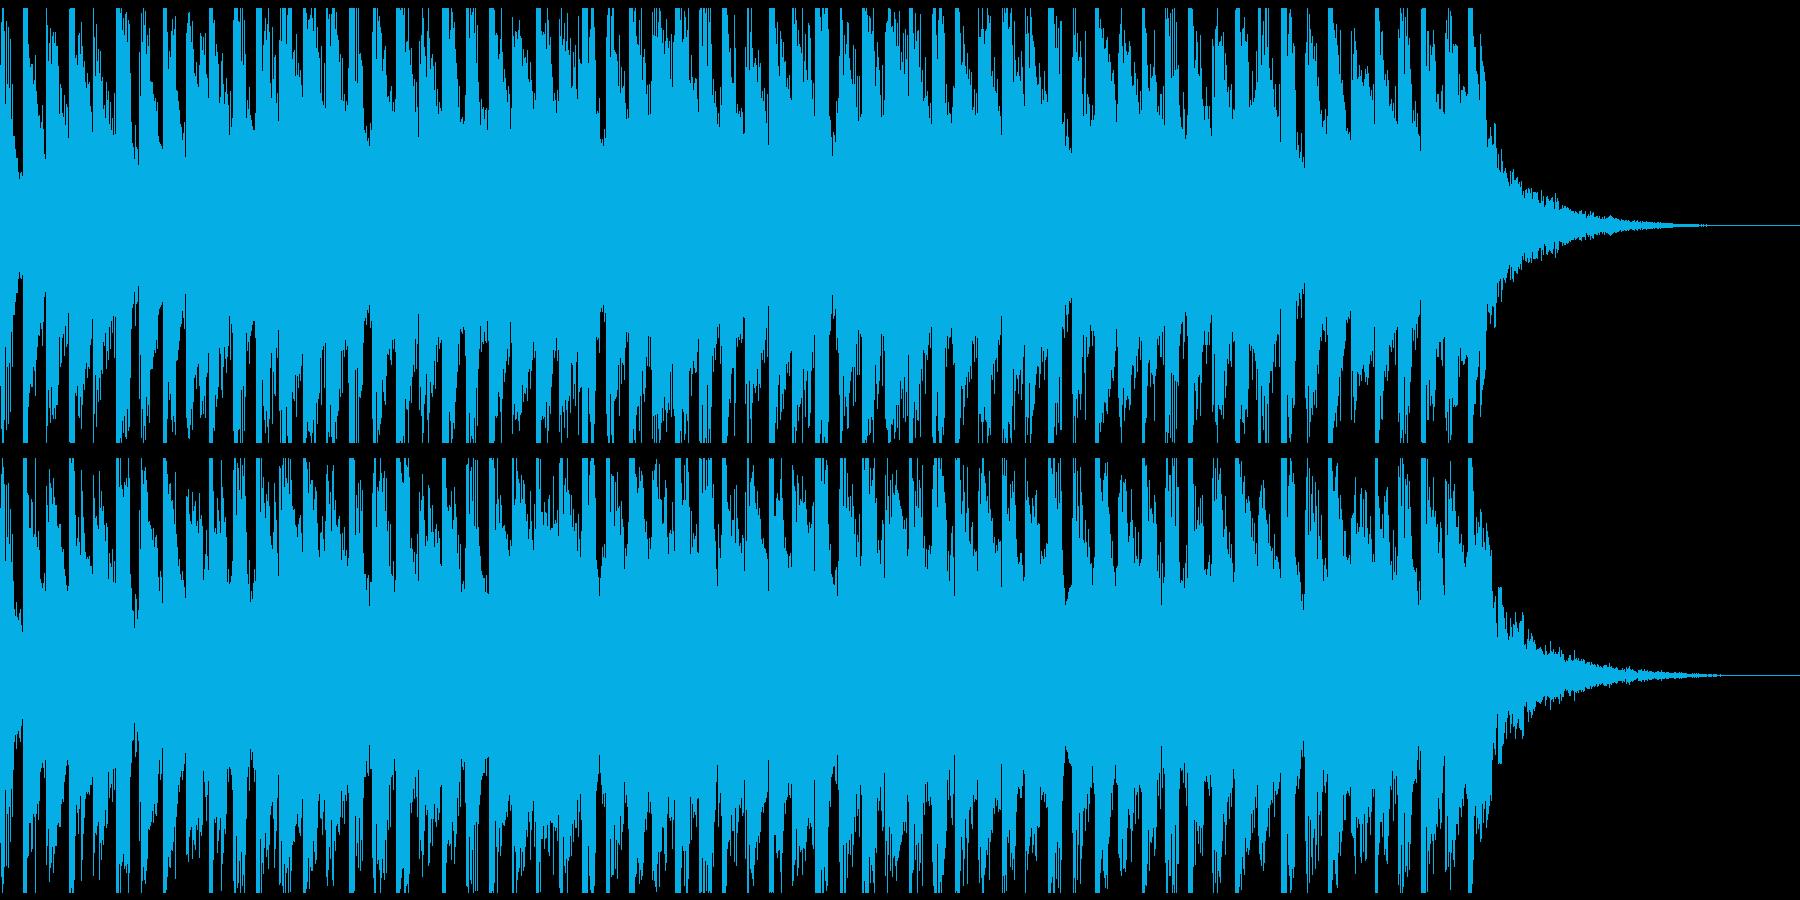 近未来系ゲームCM、予告映像、4つ打ちの再生済みの波形